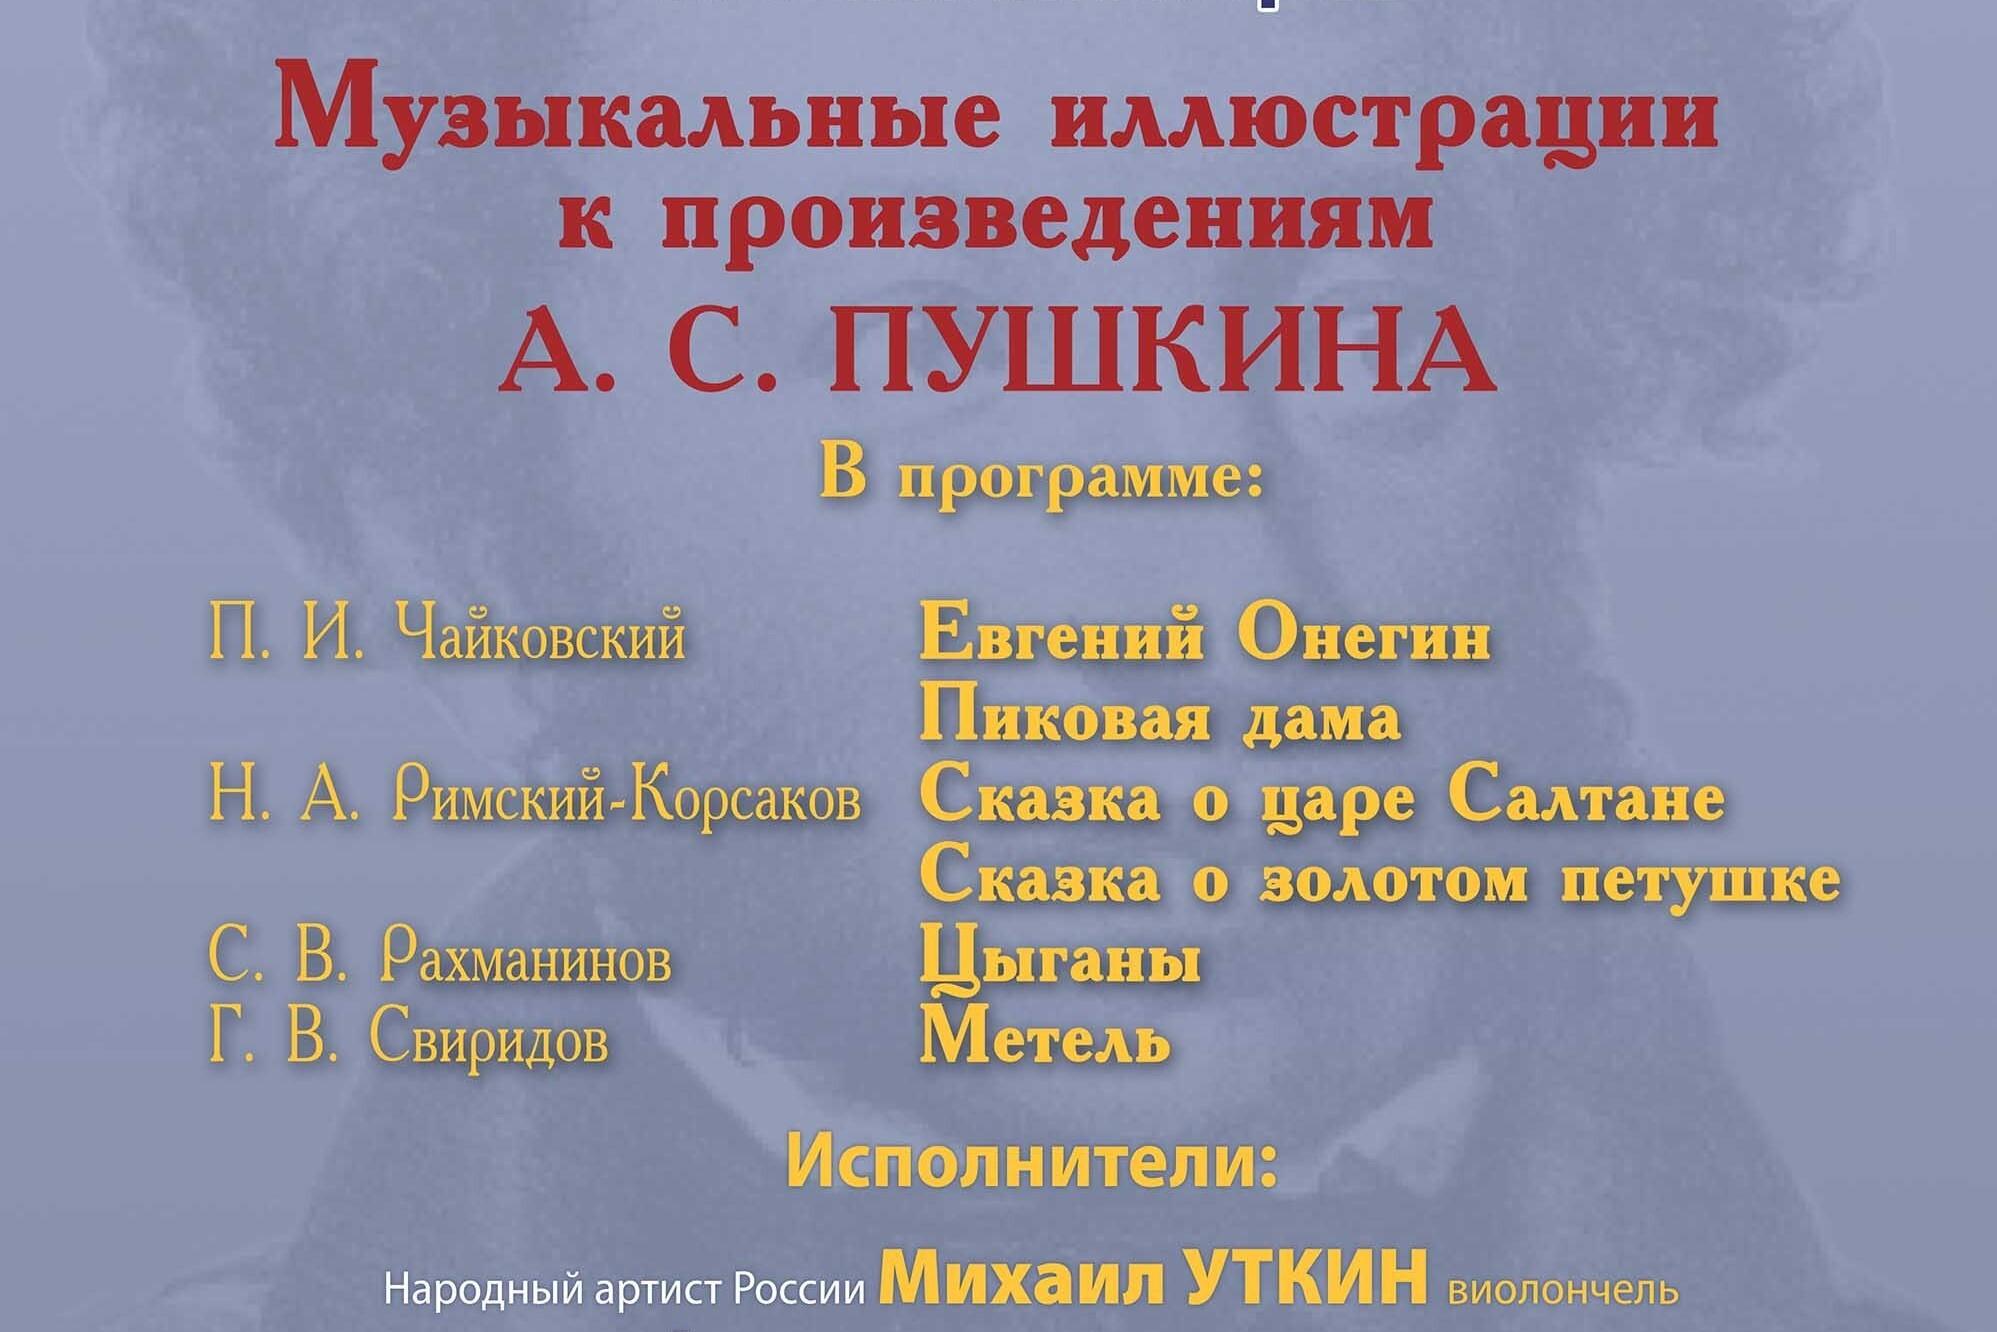 Музыкальные иллюстрации к произведениям А.С. Пушкина.